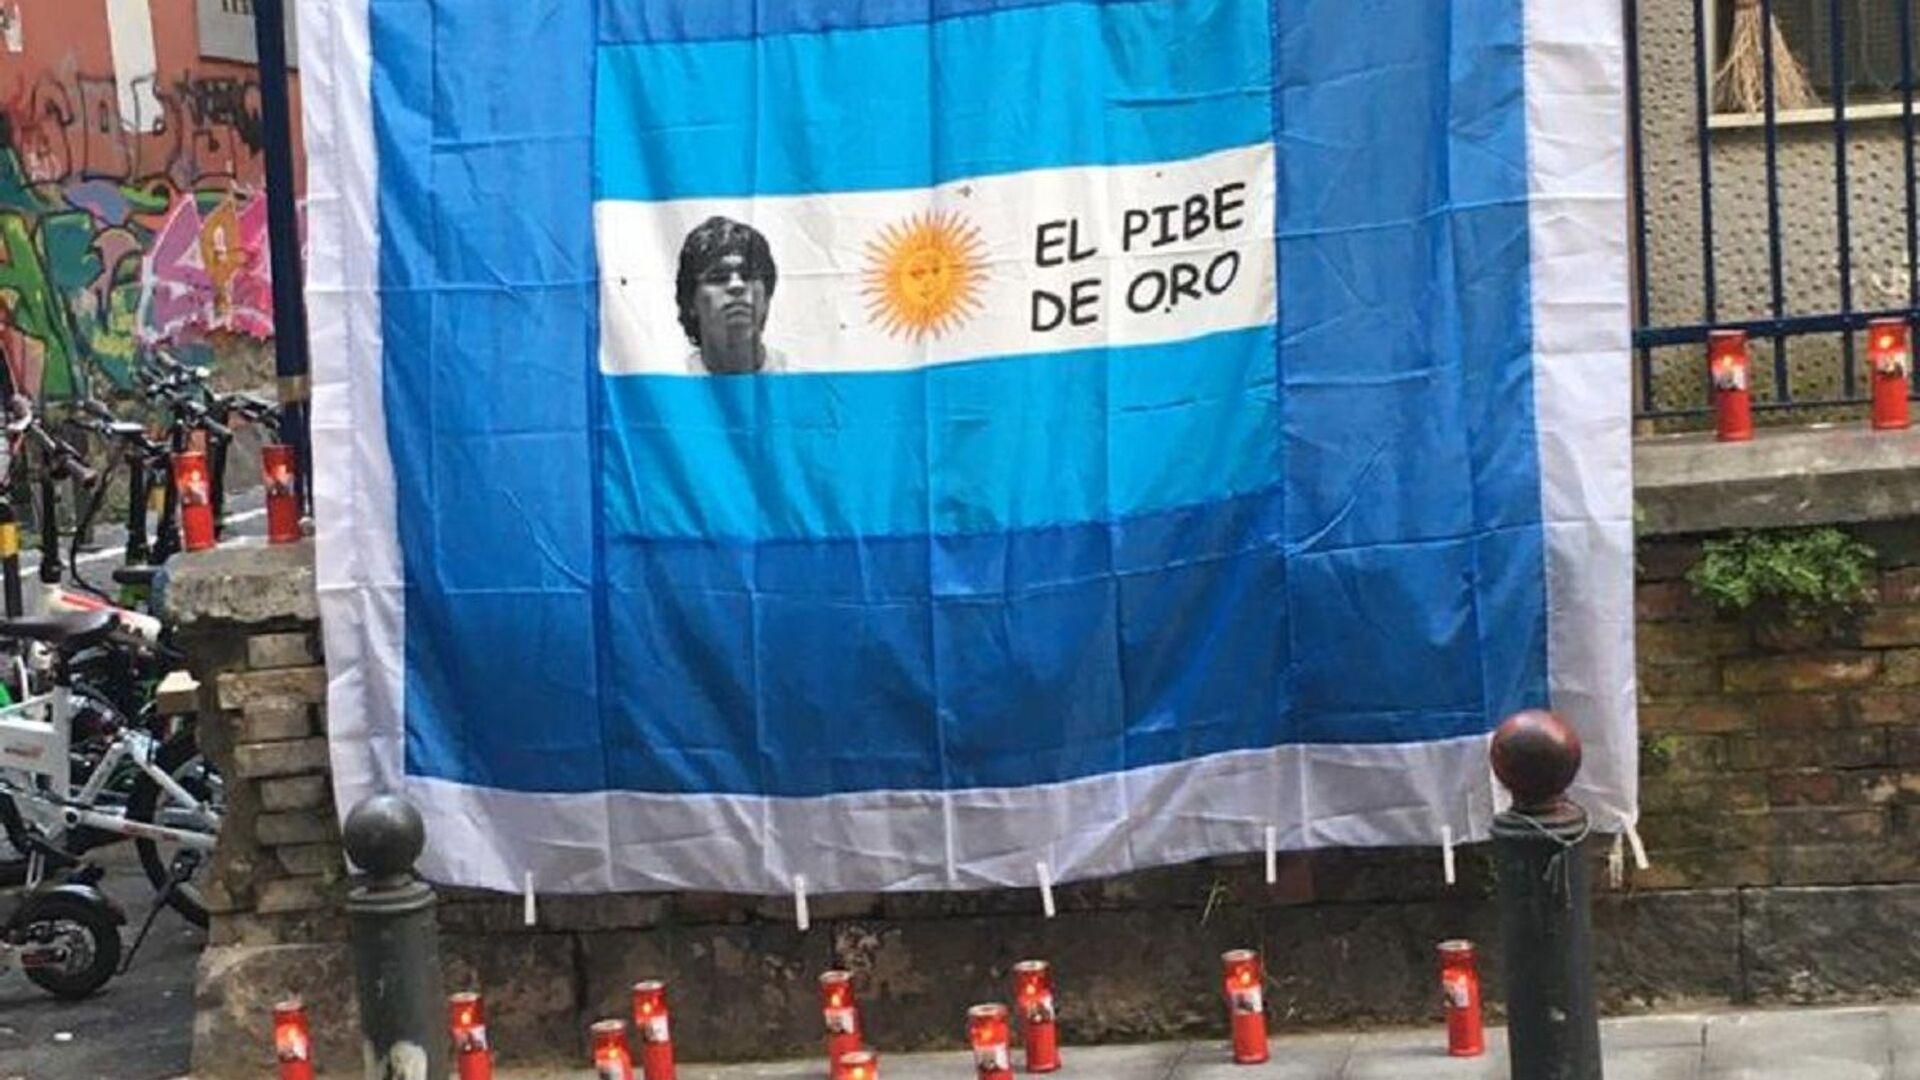 Maradona, el pibe de oro - Sputnik Mundo, 1920, 27.05.2021